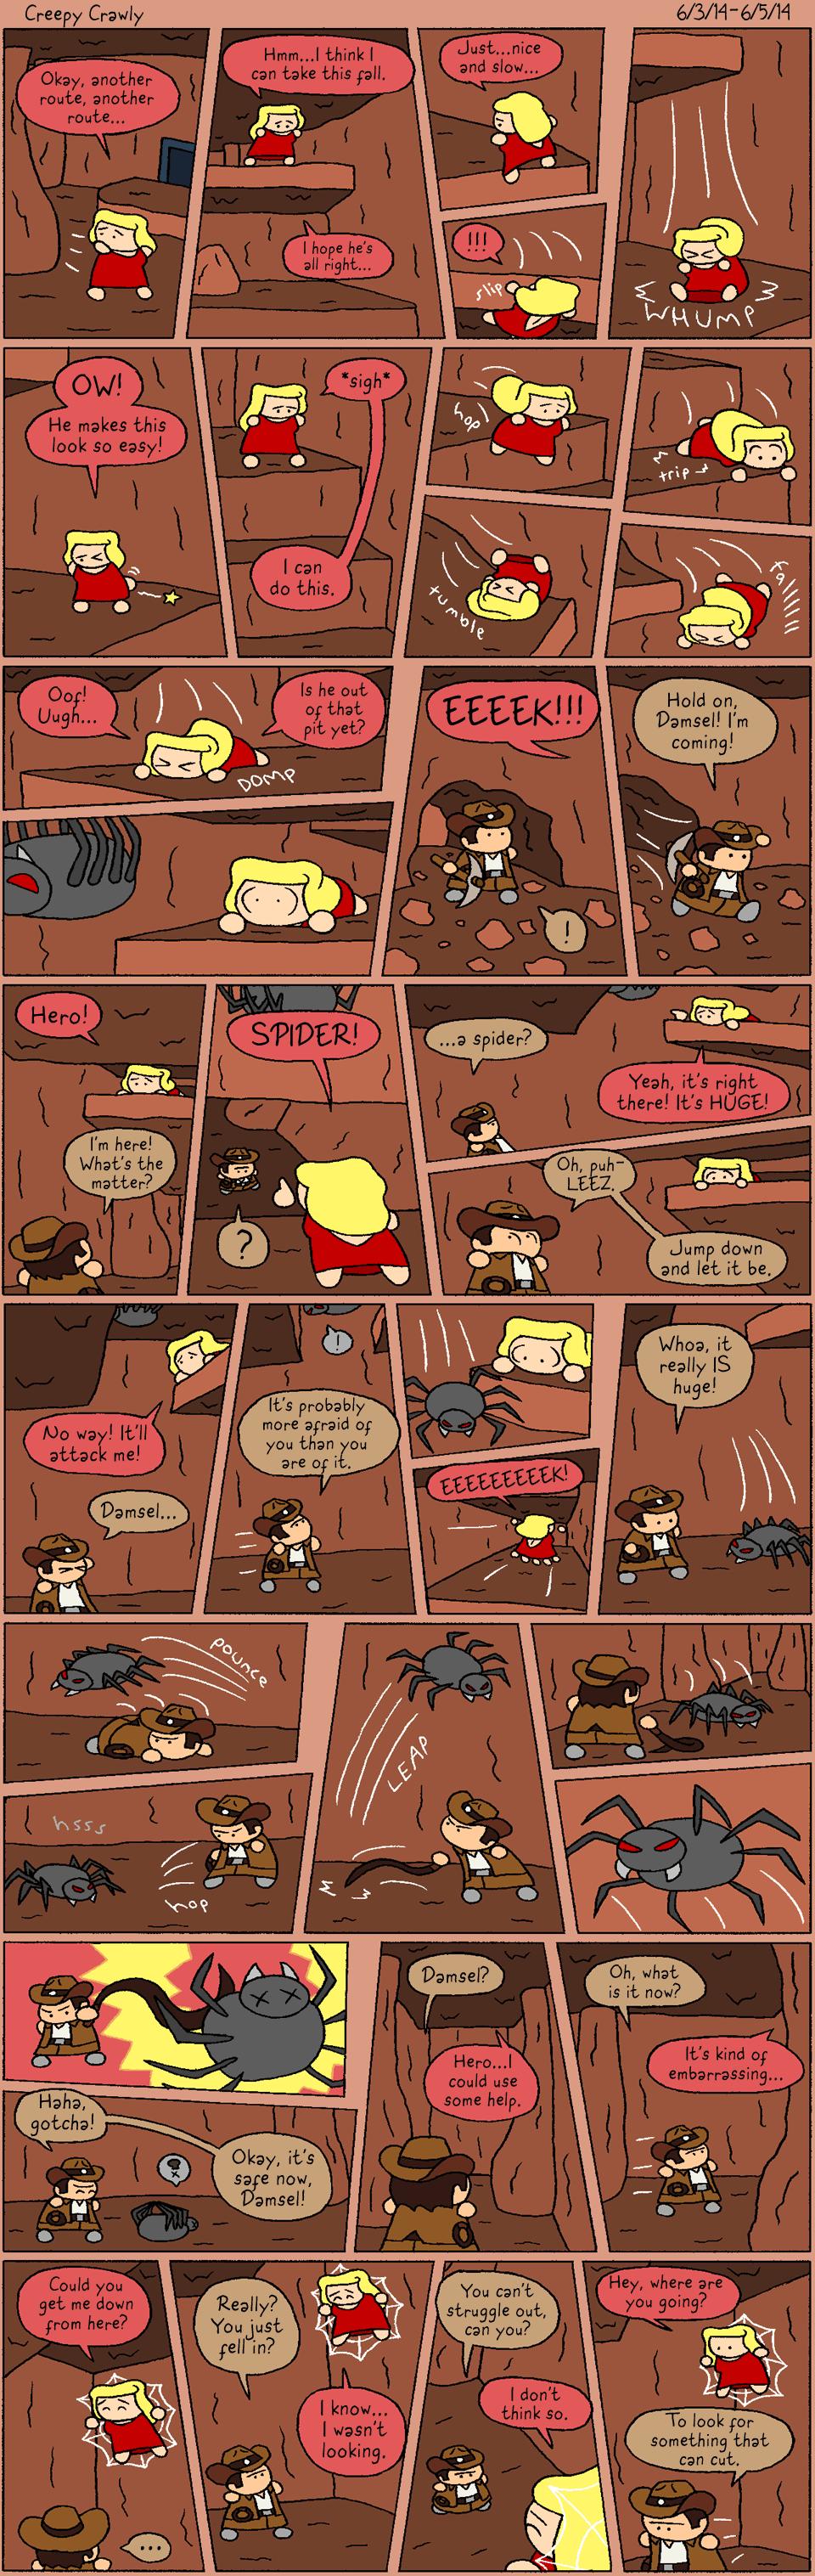 1-5 Creepy Crawly by halibabica